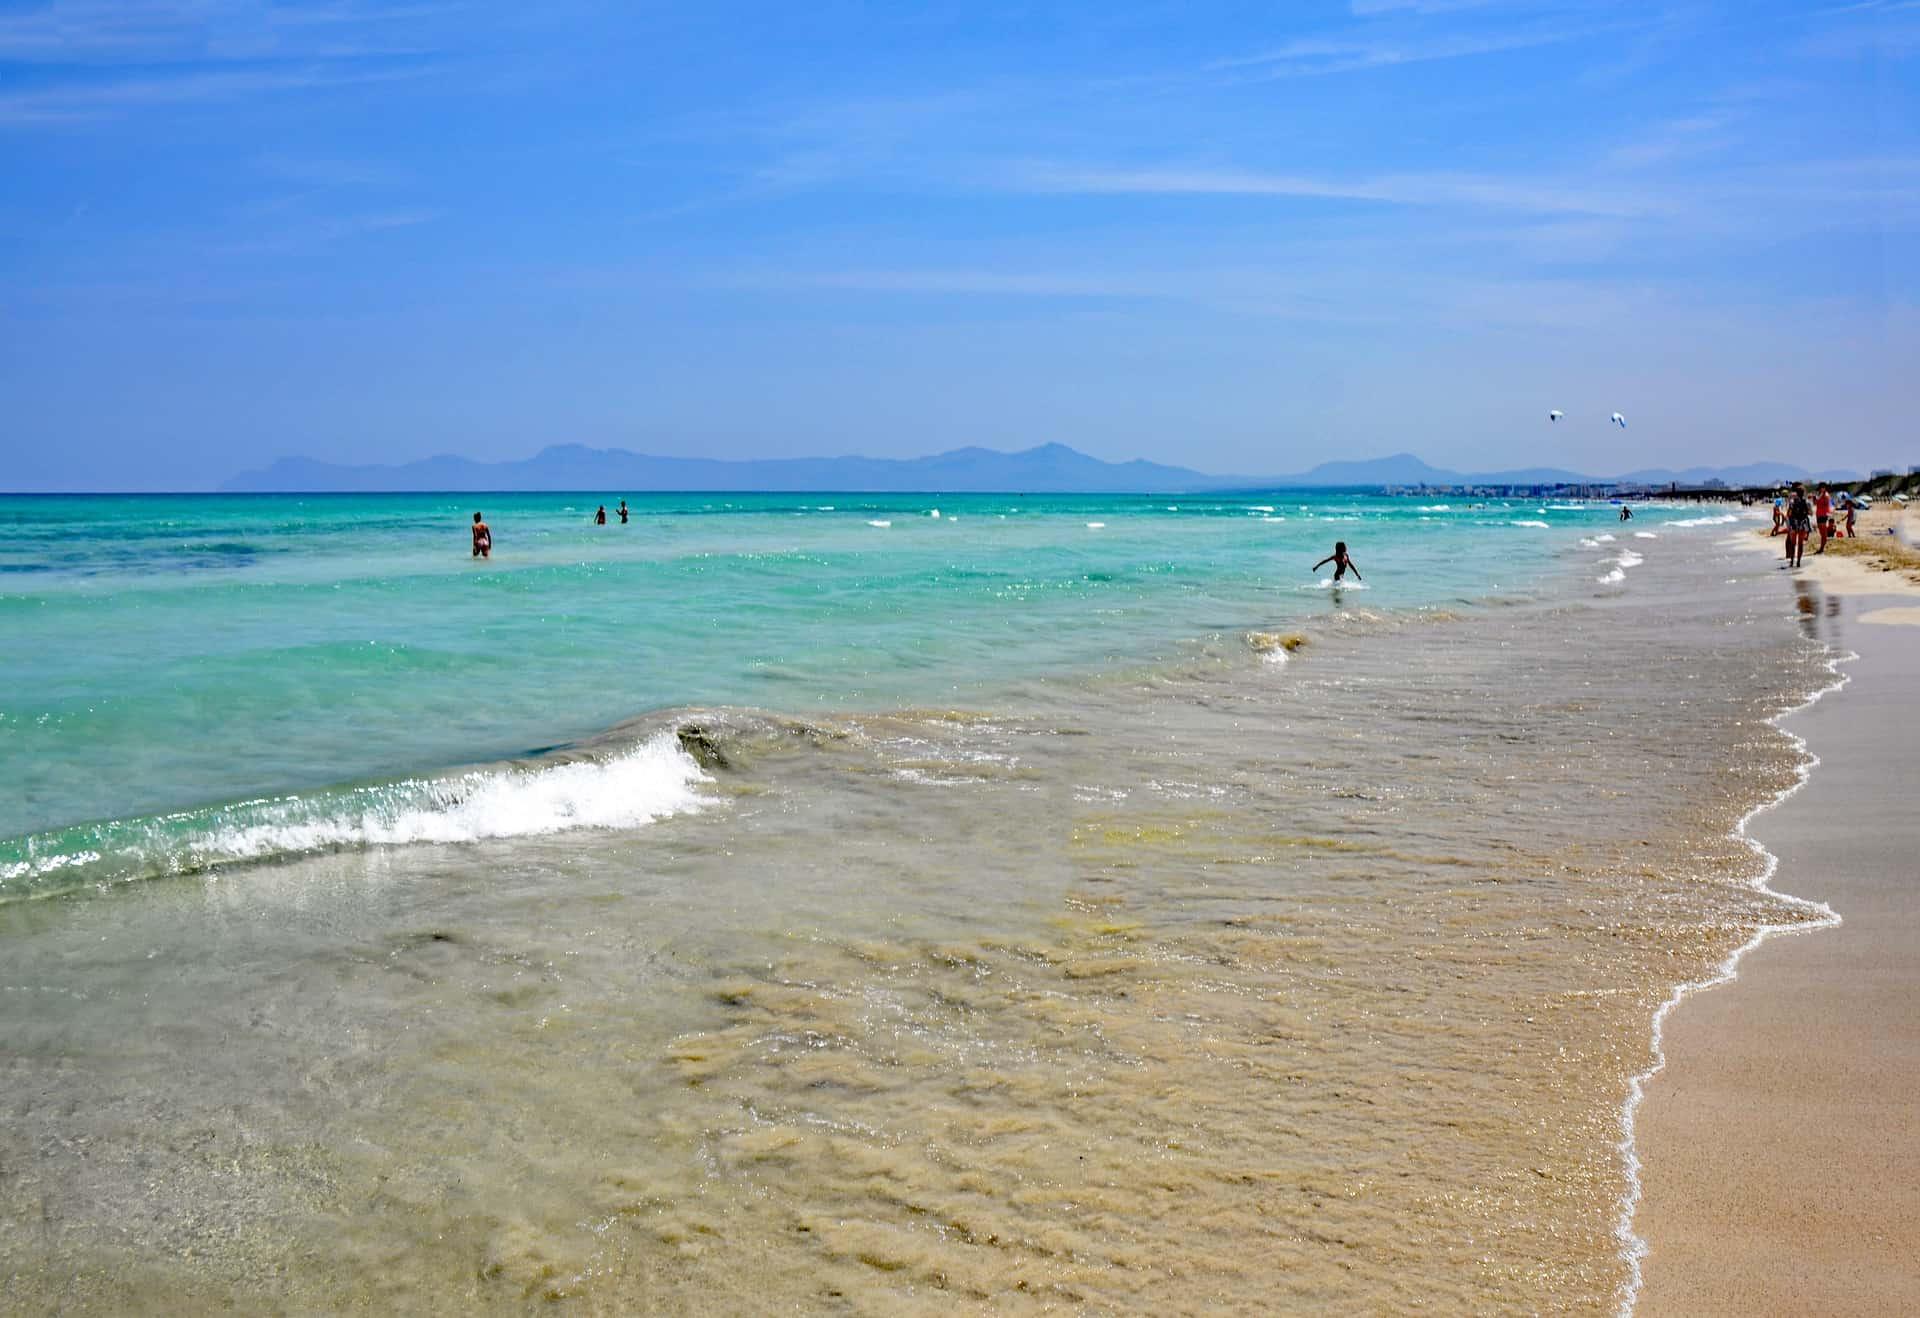 Playa de Muro die Ostküste der Insel ist für einen Badeurlaub am besten geeignet